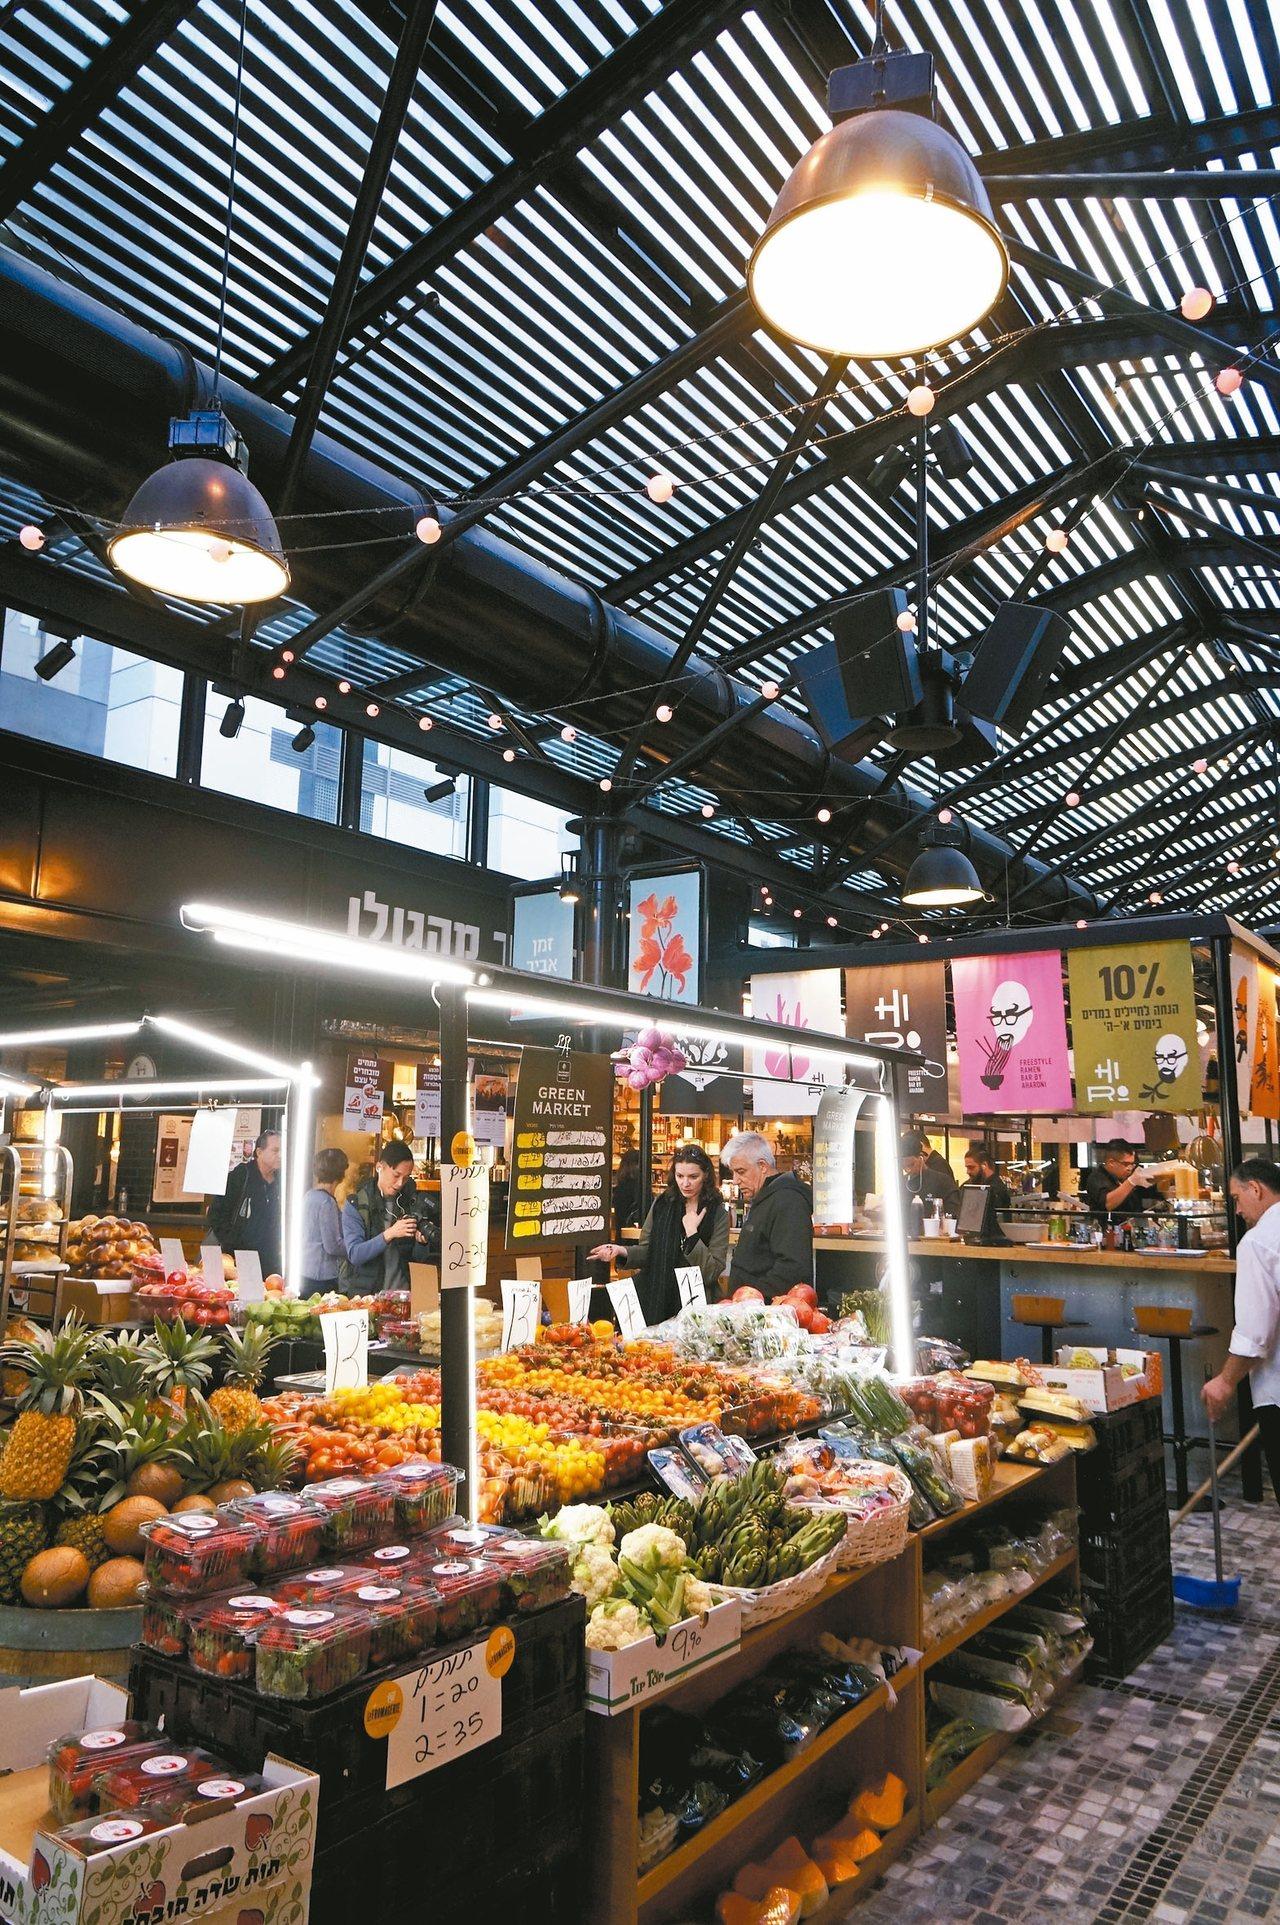 薩羅納市場空間設計感強,能抓住年輕旅客的心。 記者陳睿中/攝影